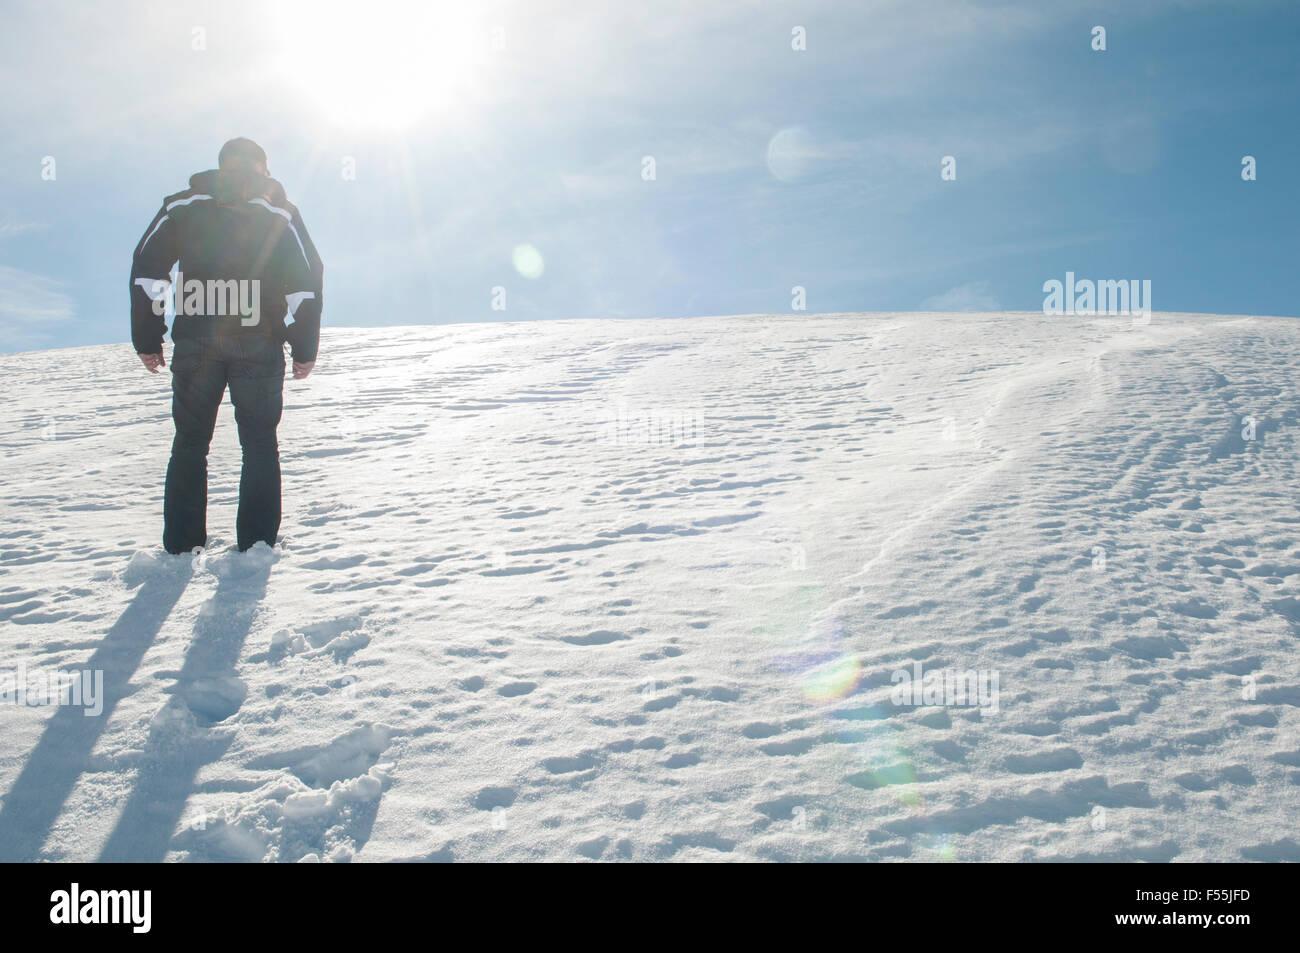 Uomo che cammina su una montagna innevata Faraya Kesrwan Libano Medio Oriente Immagini Stock